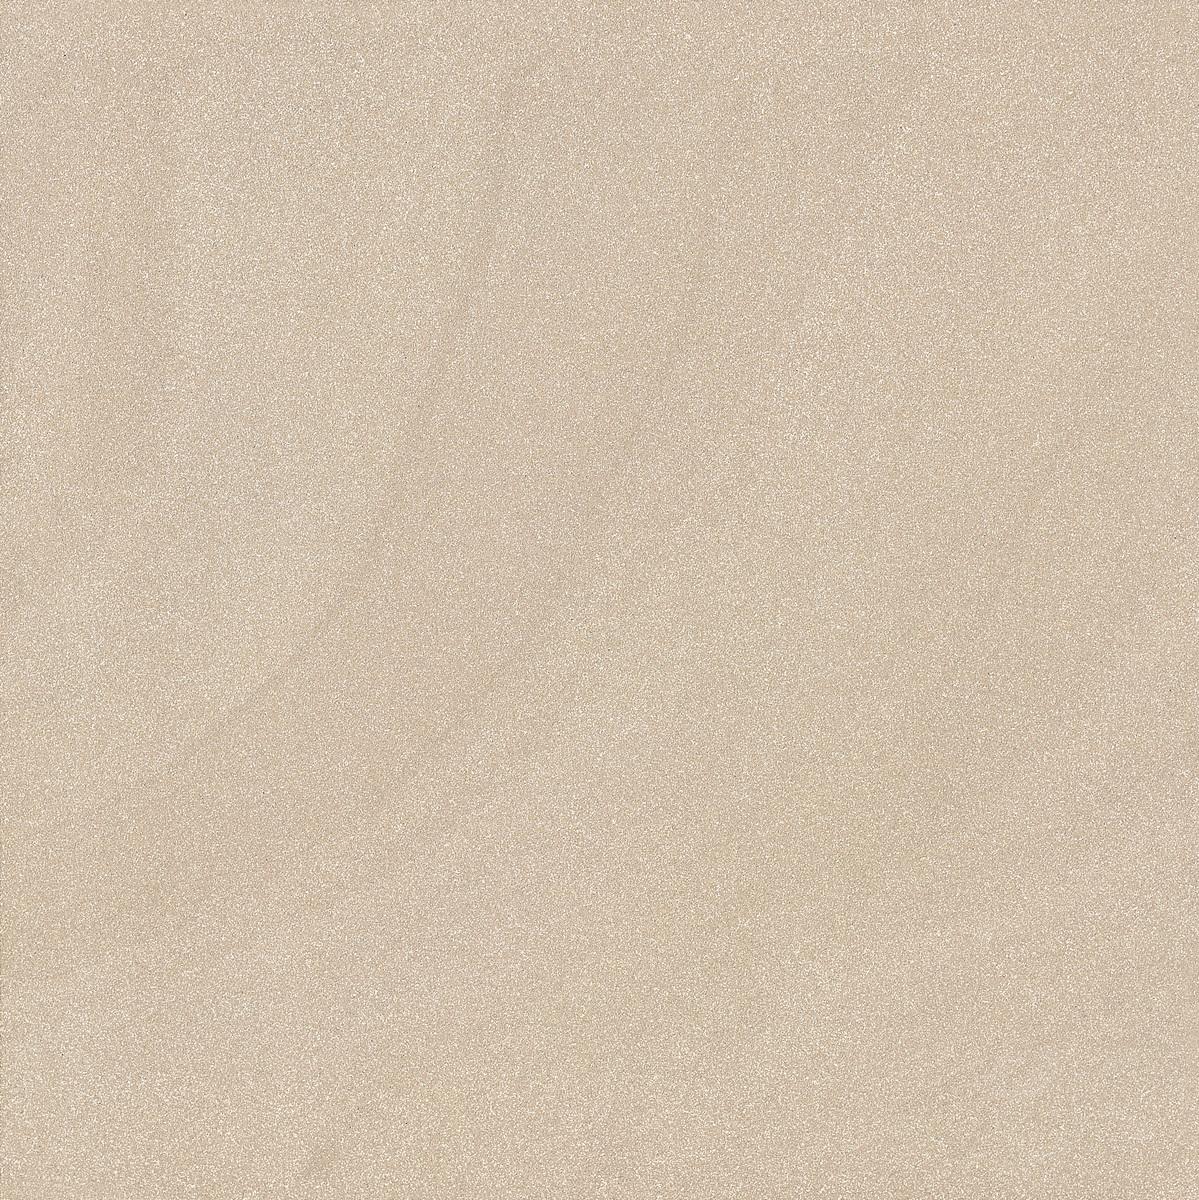 瓷磚 - 珀斯系列 - 啞面淺灰 300x600mm (8塊)